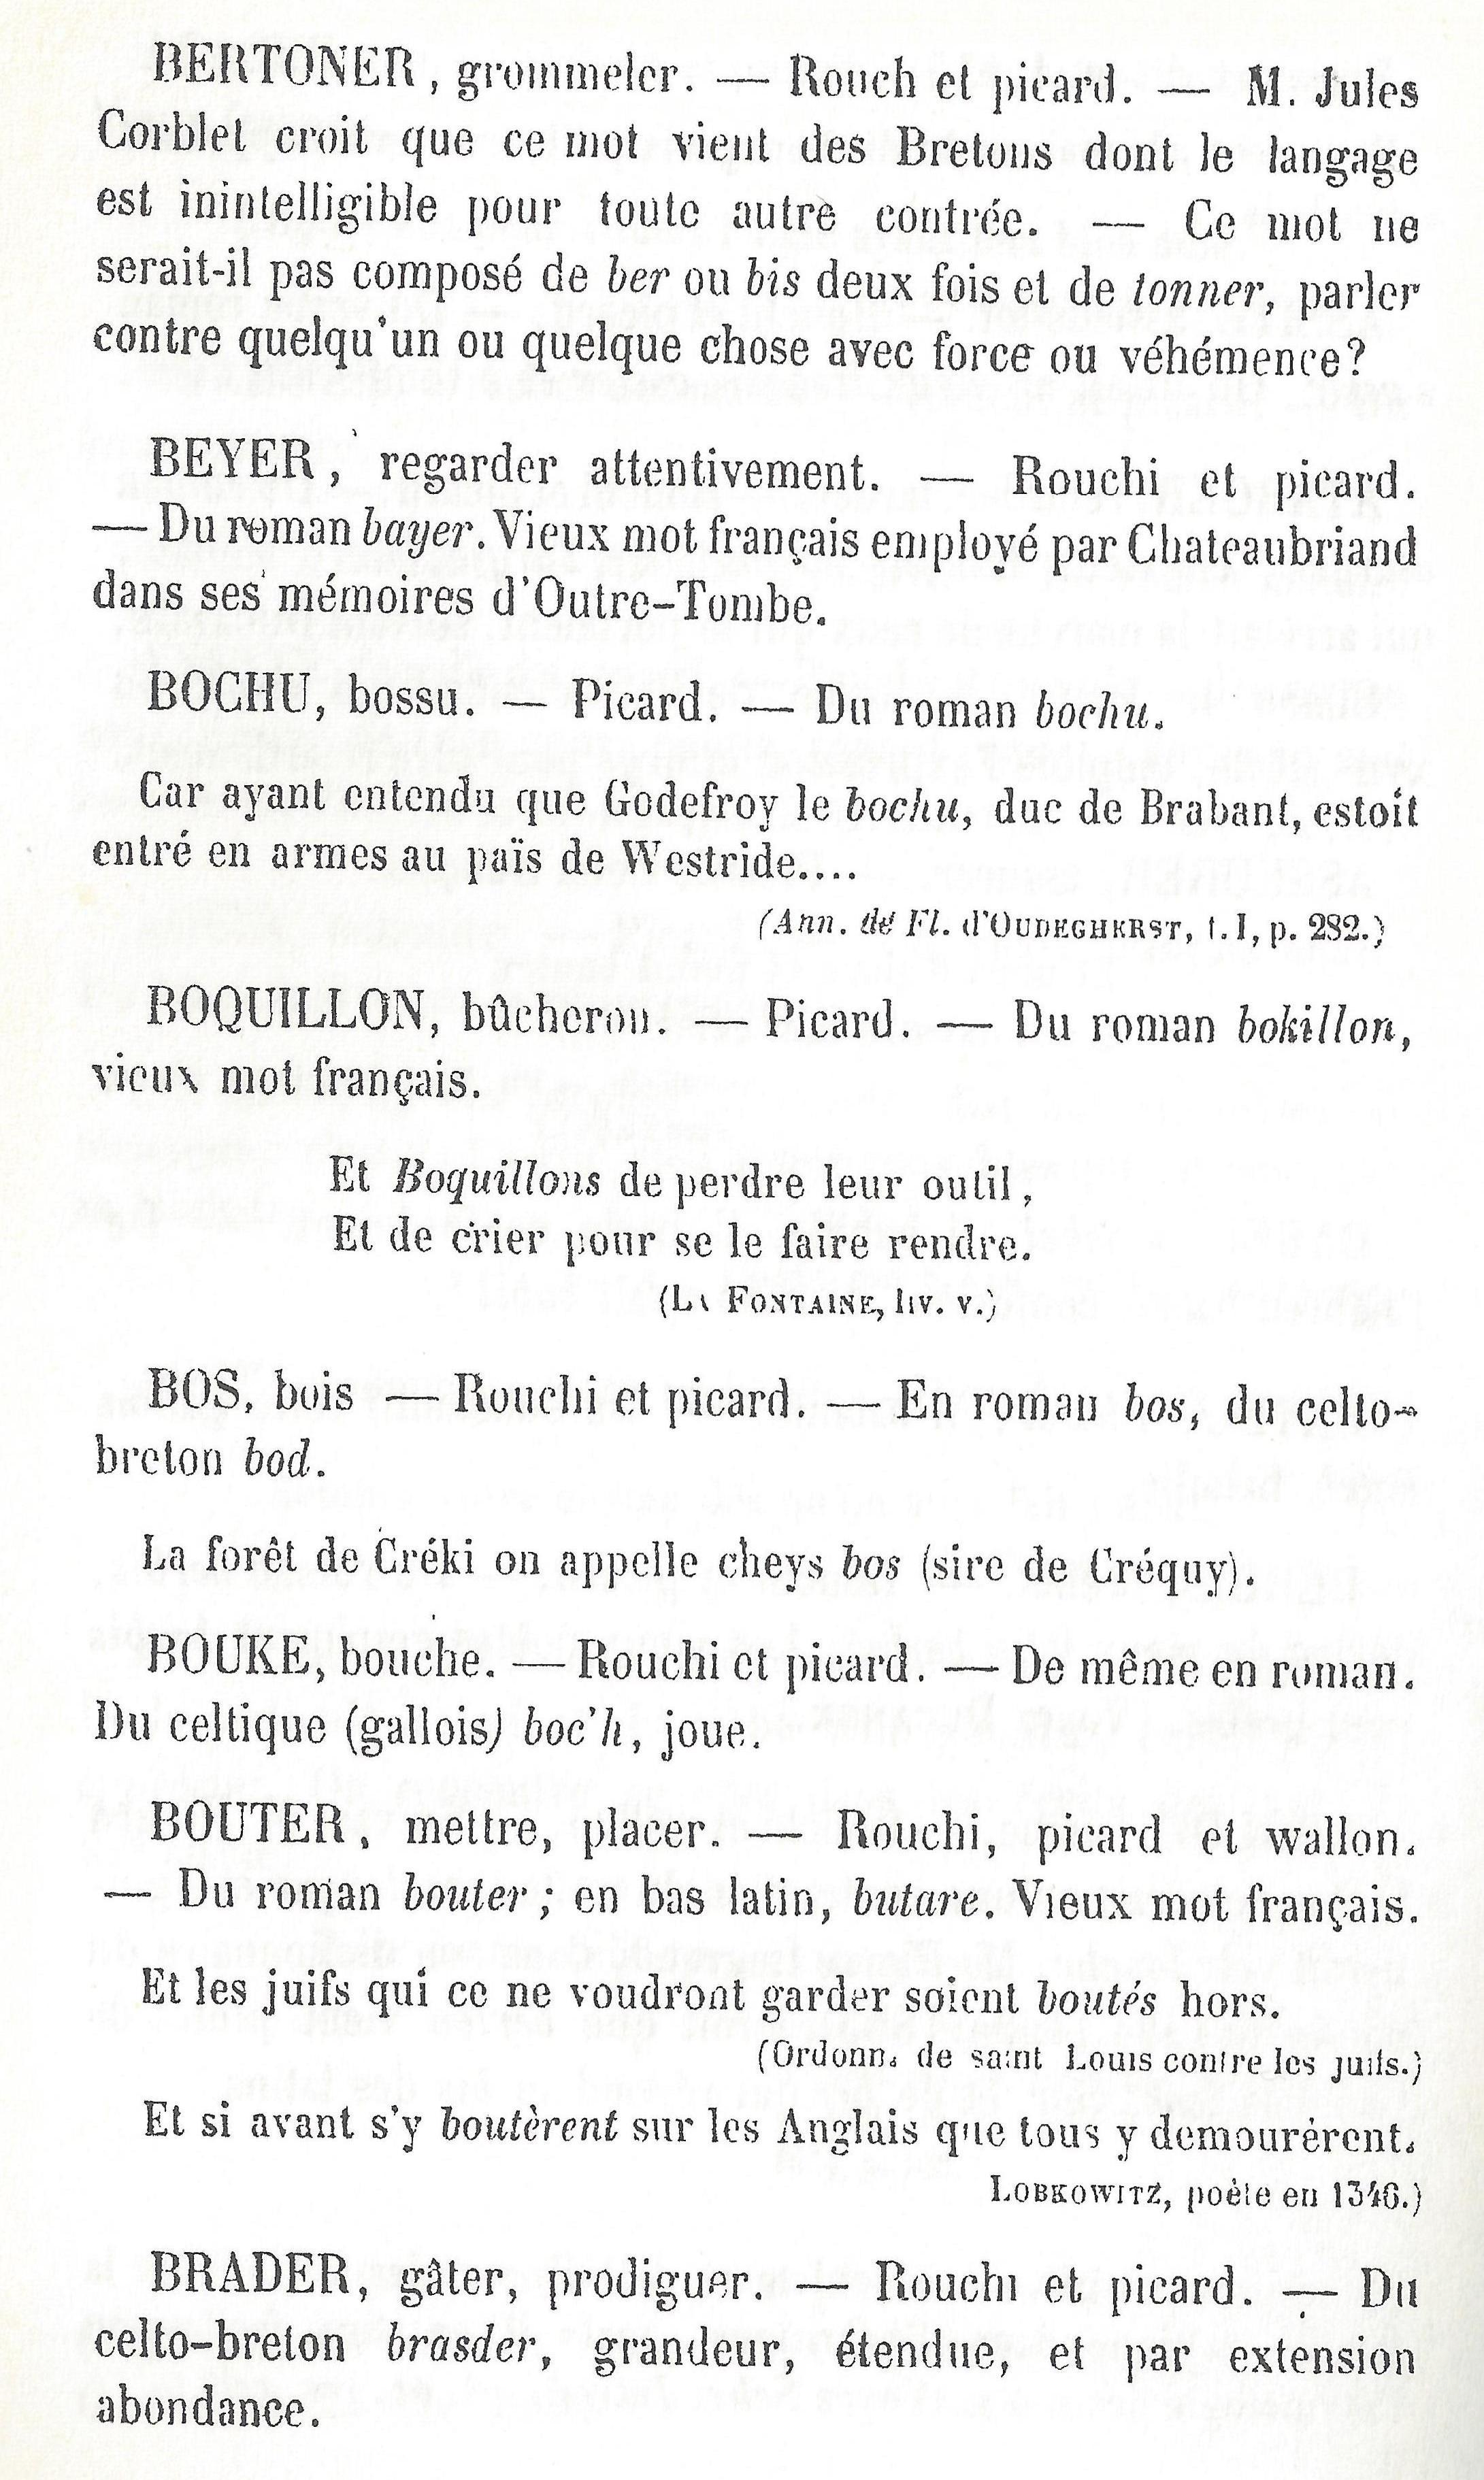 patoi de tg 3_Histoire du Tourcoing Charles Roussel_Delfontaine le livre d'histoire monographies des villes et villages de France